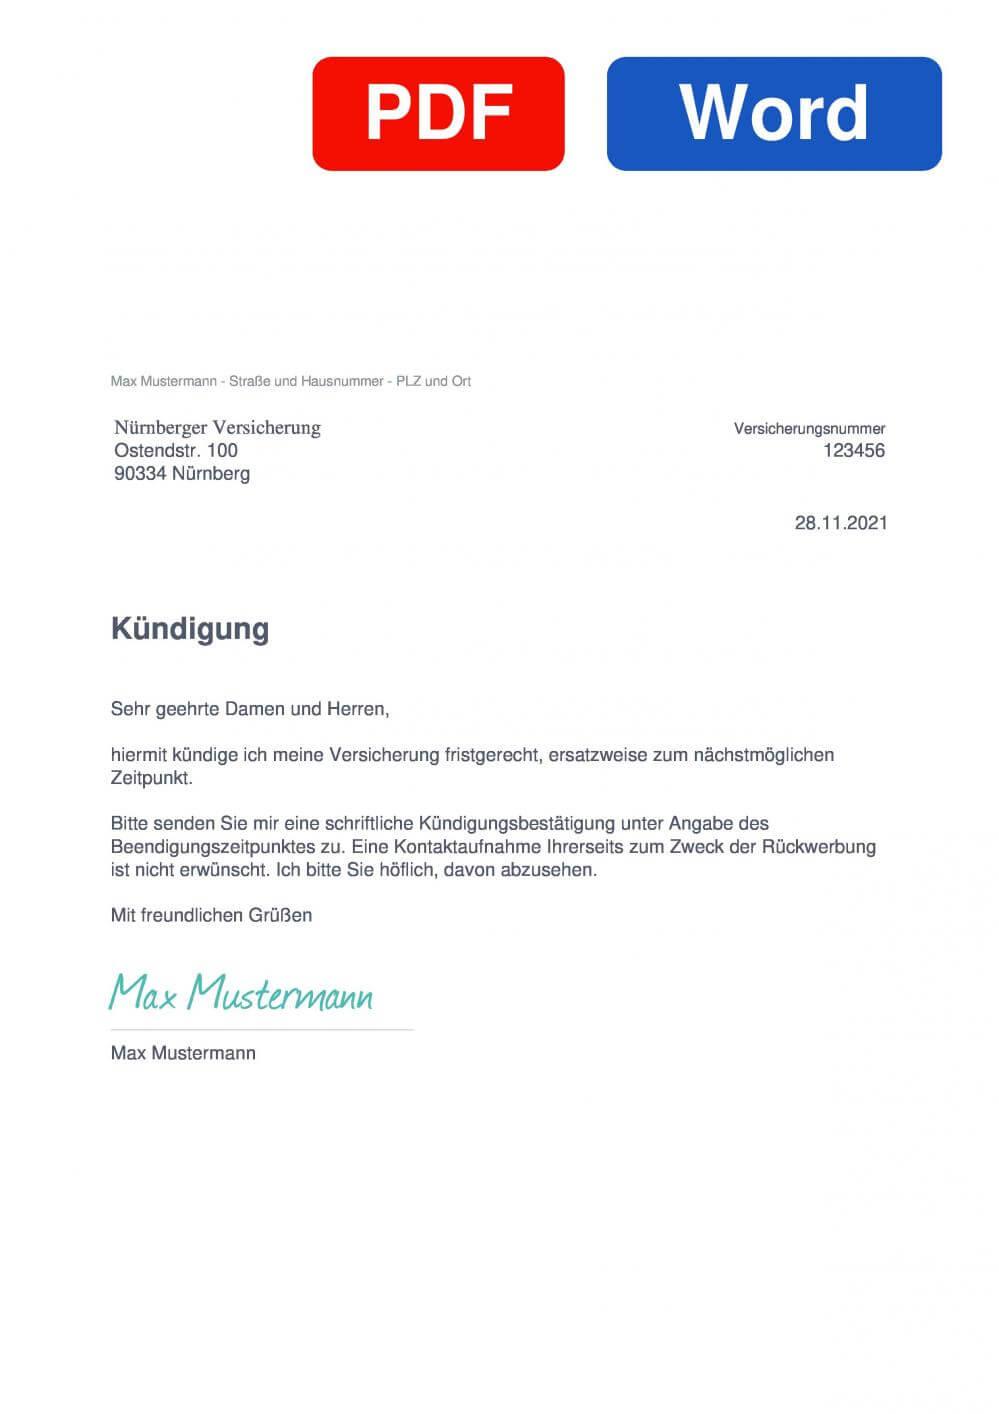 Nürnberger Versicherung Muster Vorlage für Kündigungsschreiben